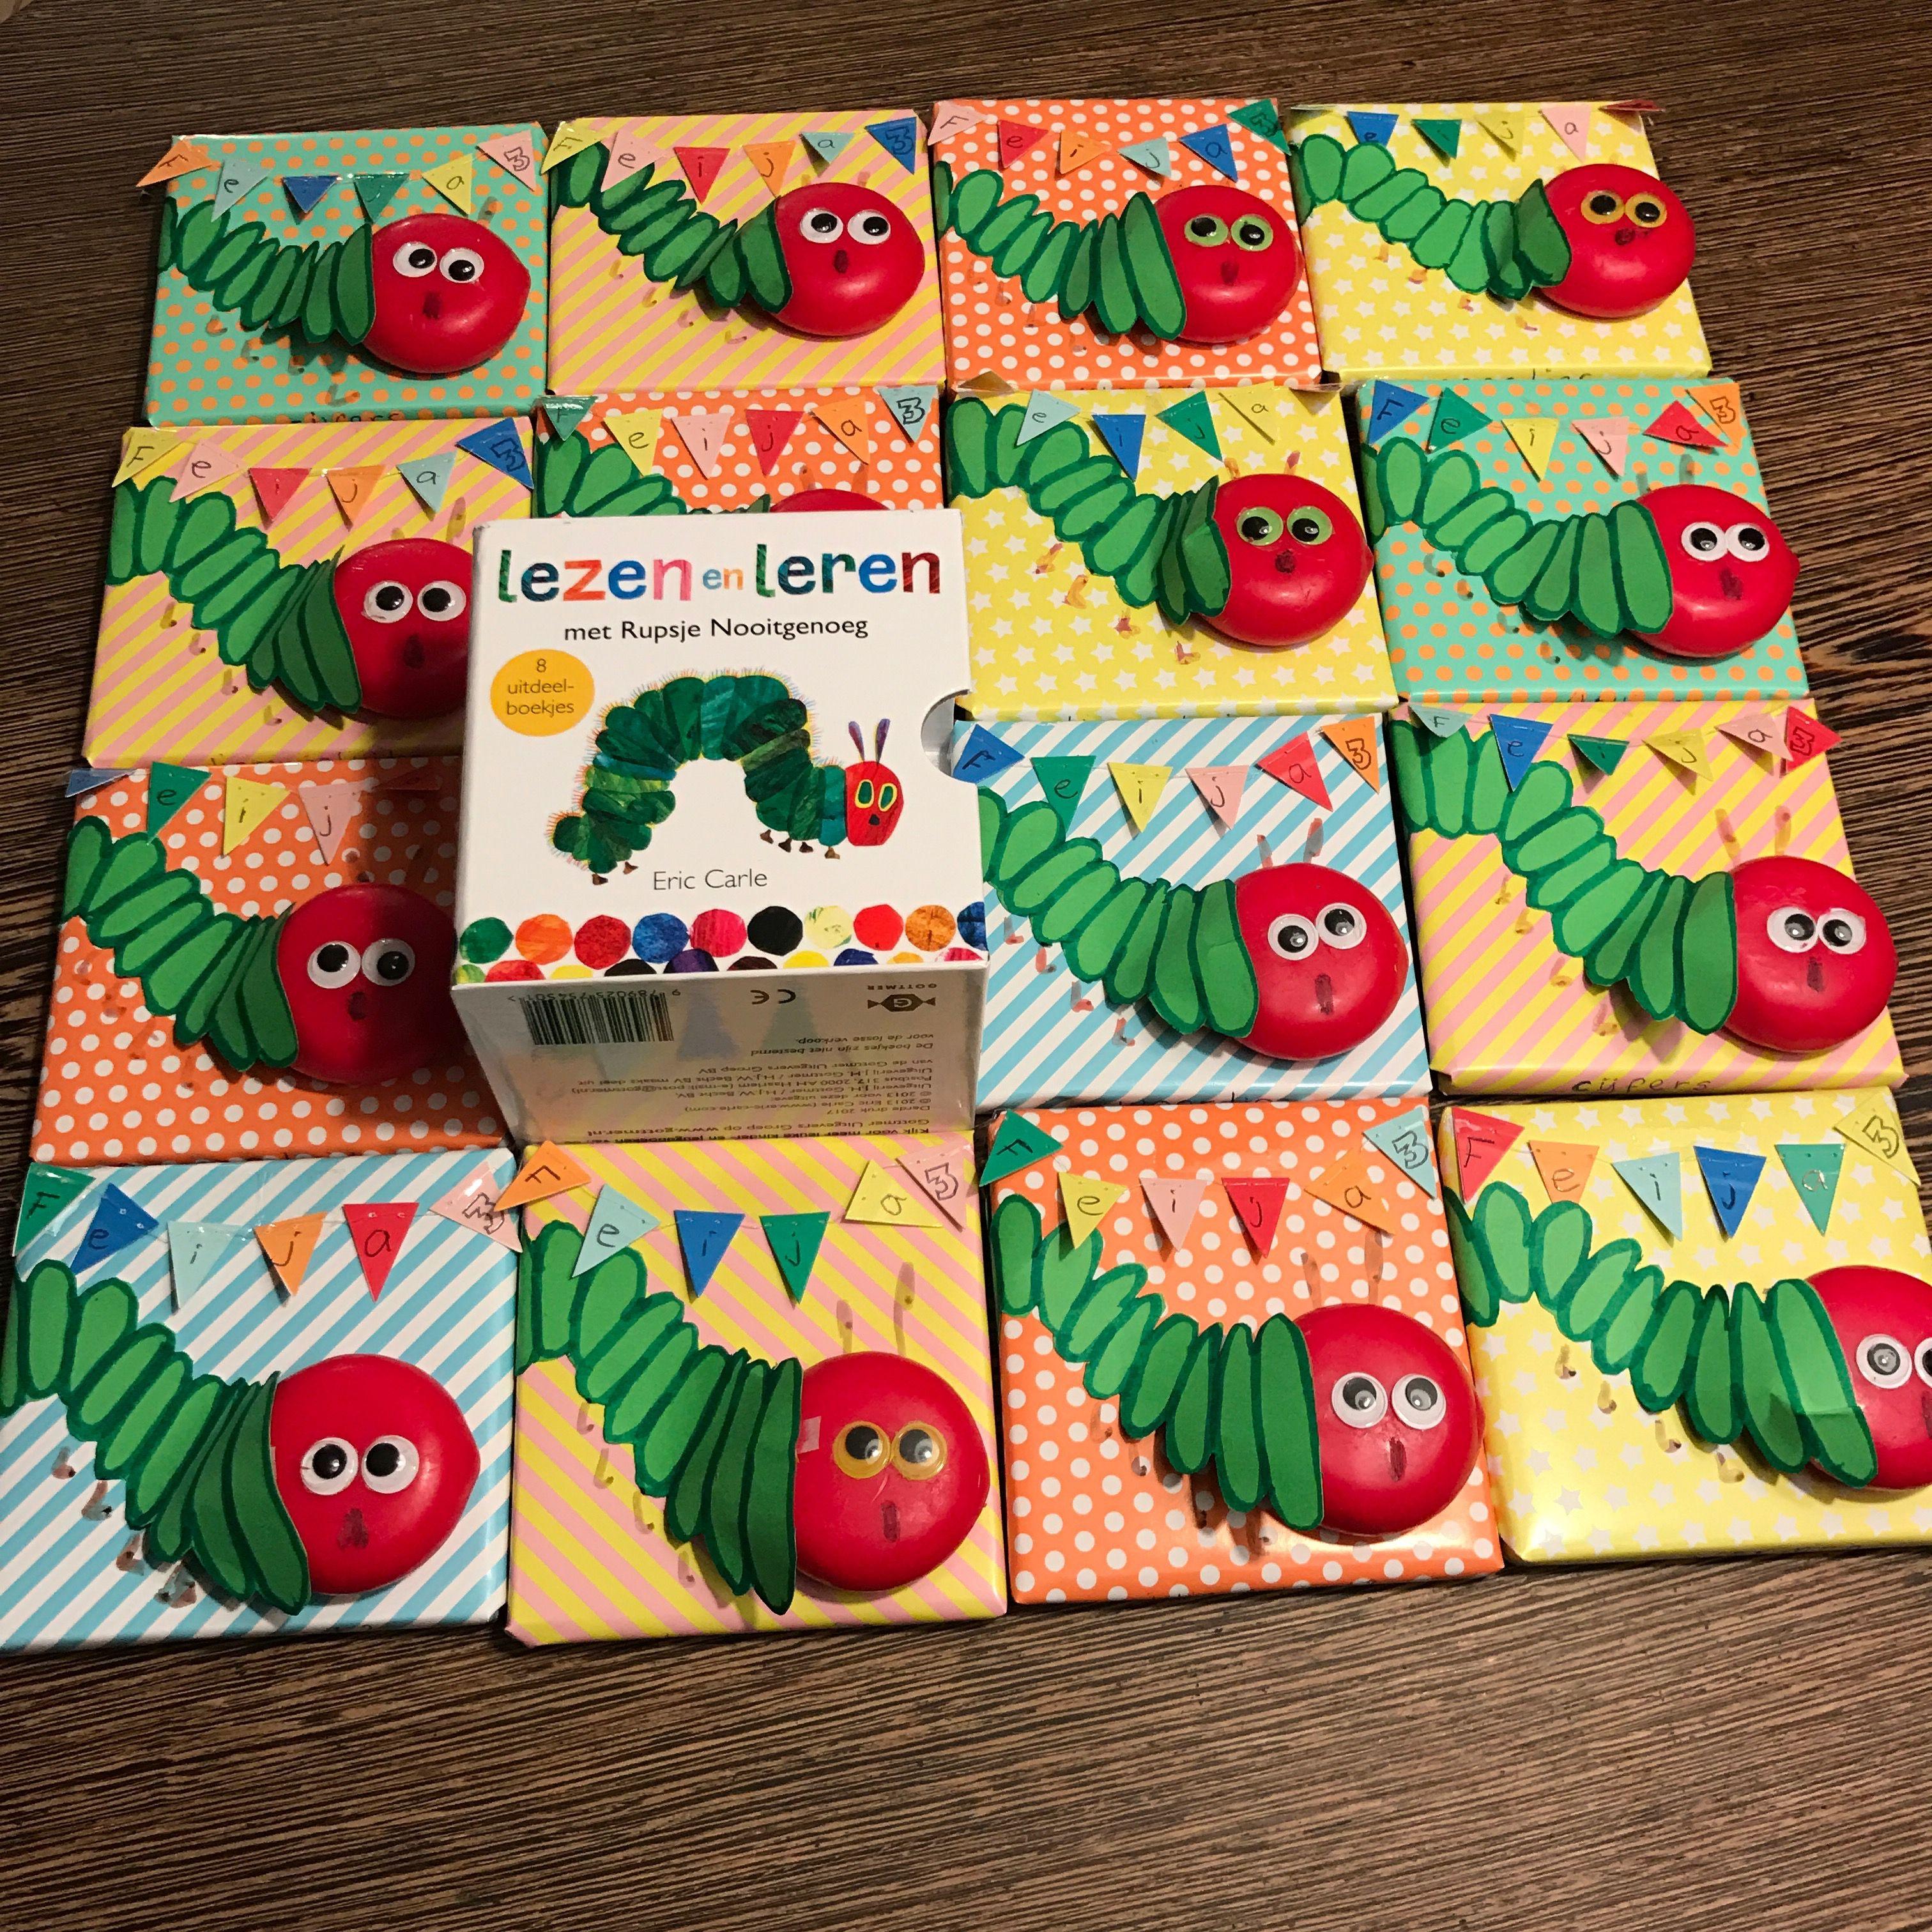 Super Traktatie rupsje nooitgenoeg op het kinderdagverblijf @RZ44